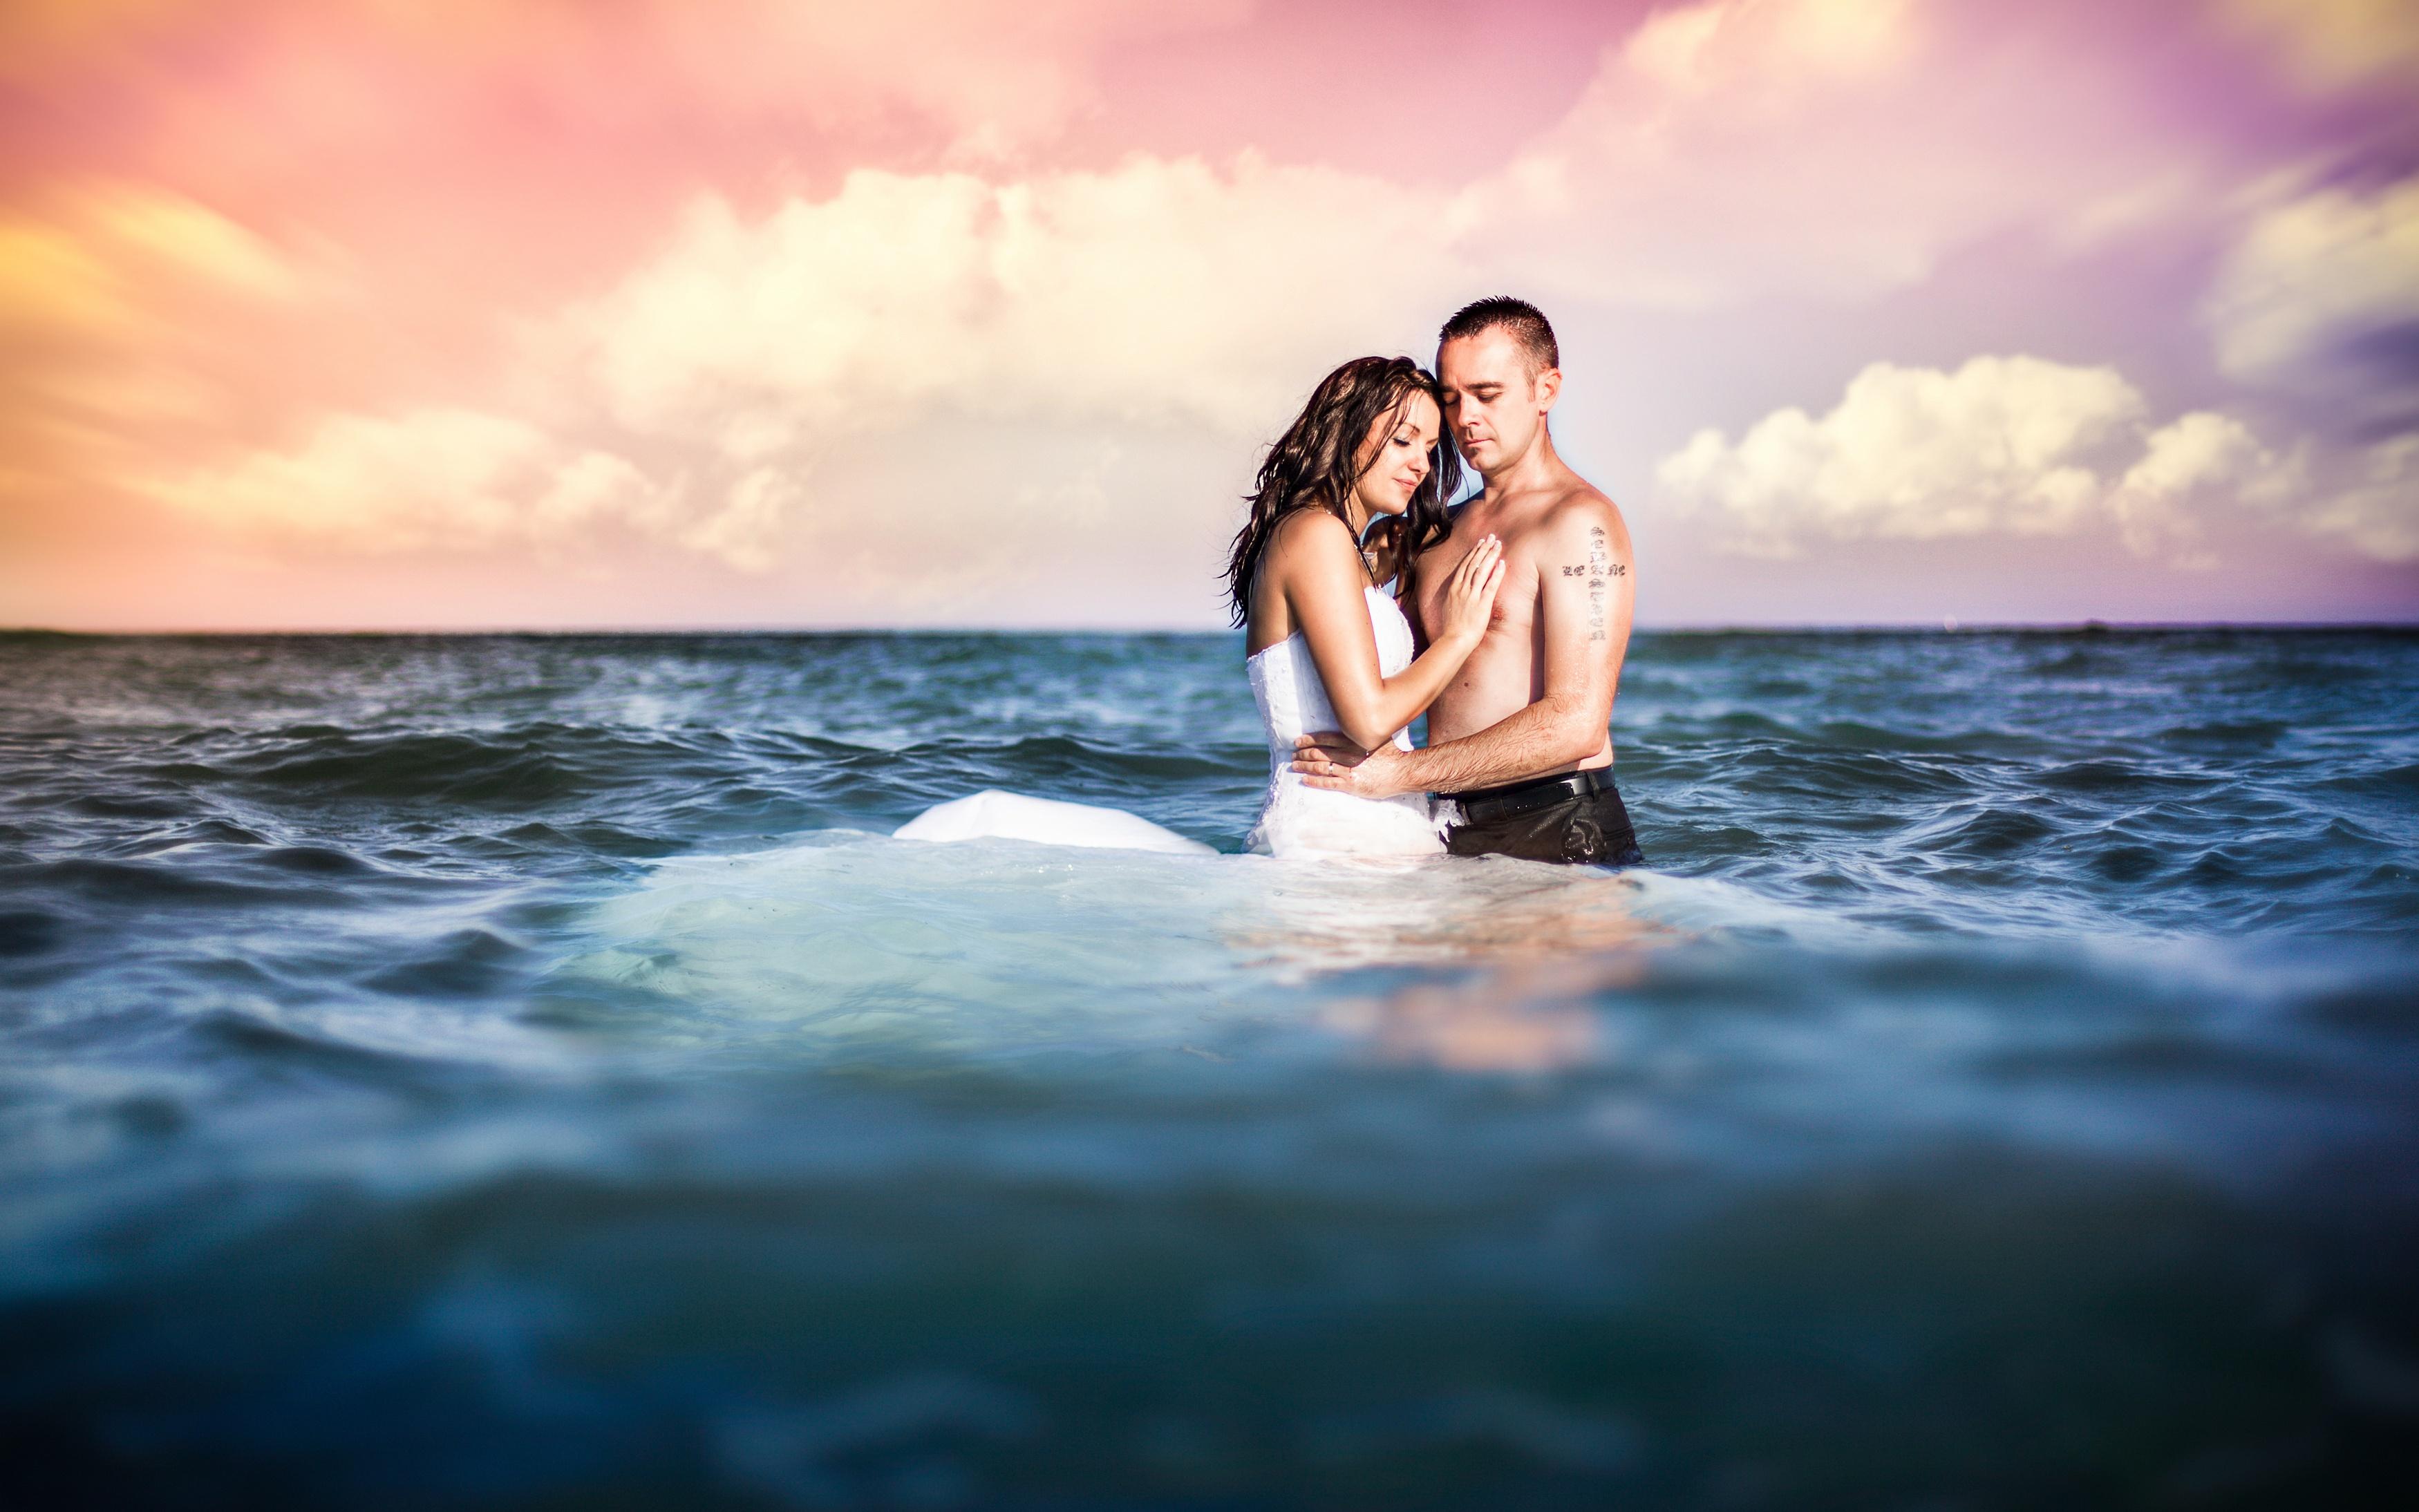 Картинки с парнем на море